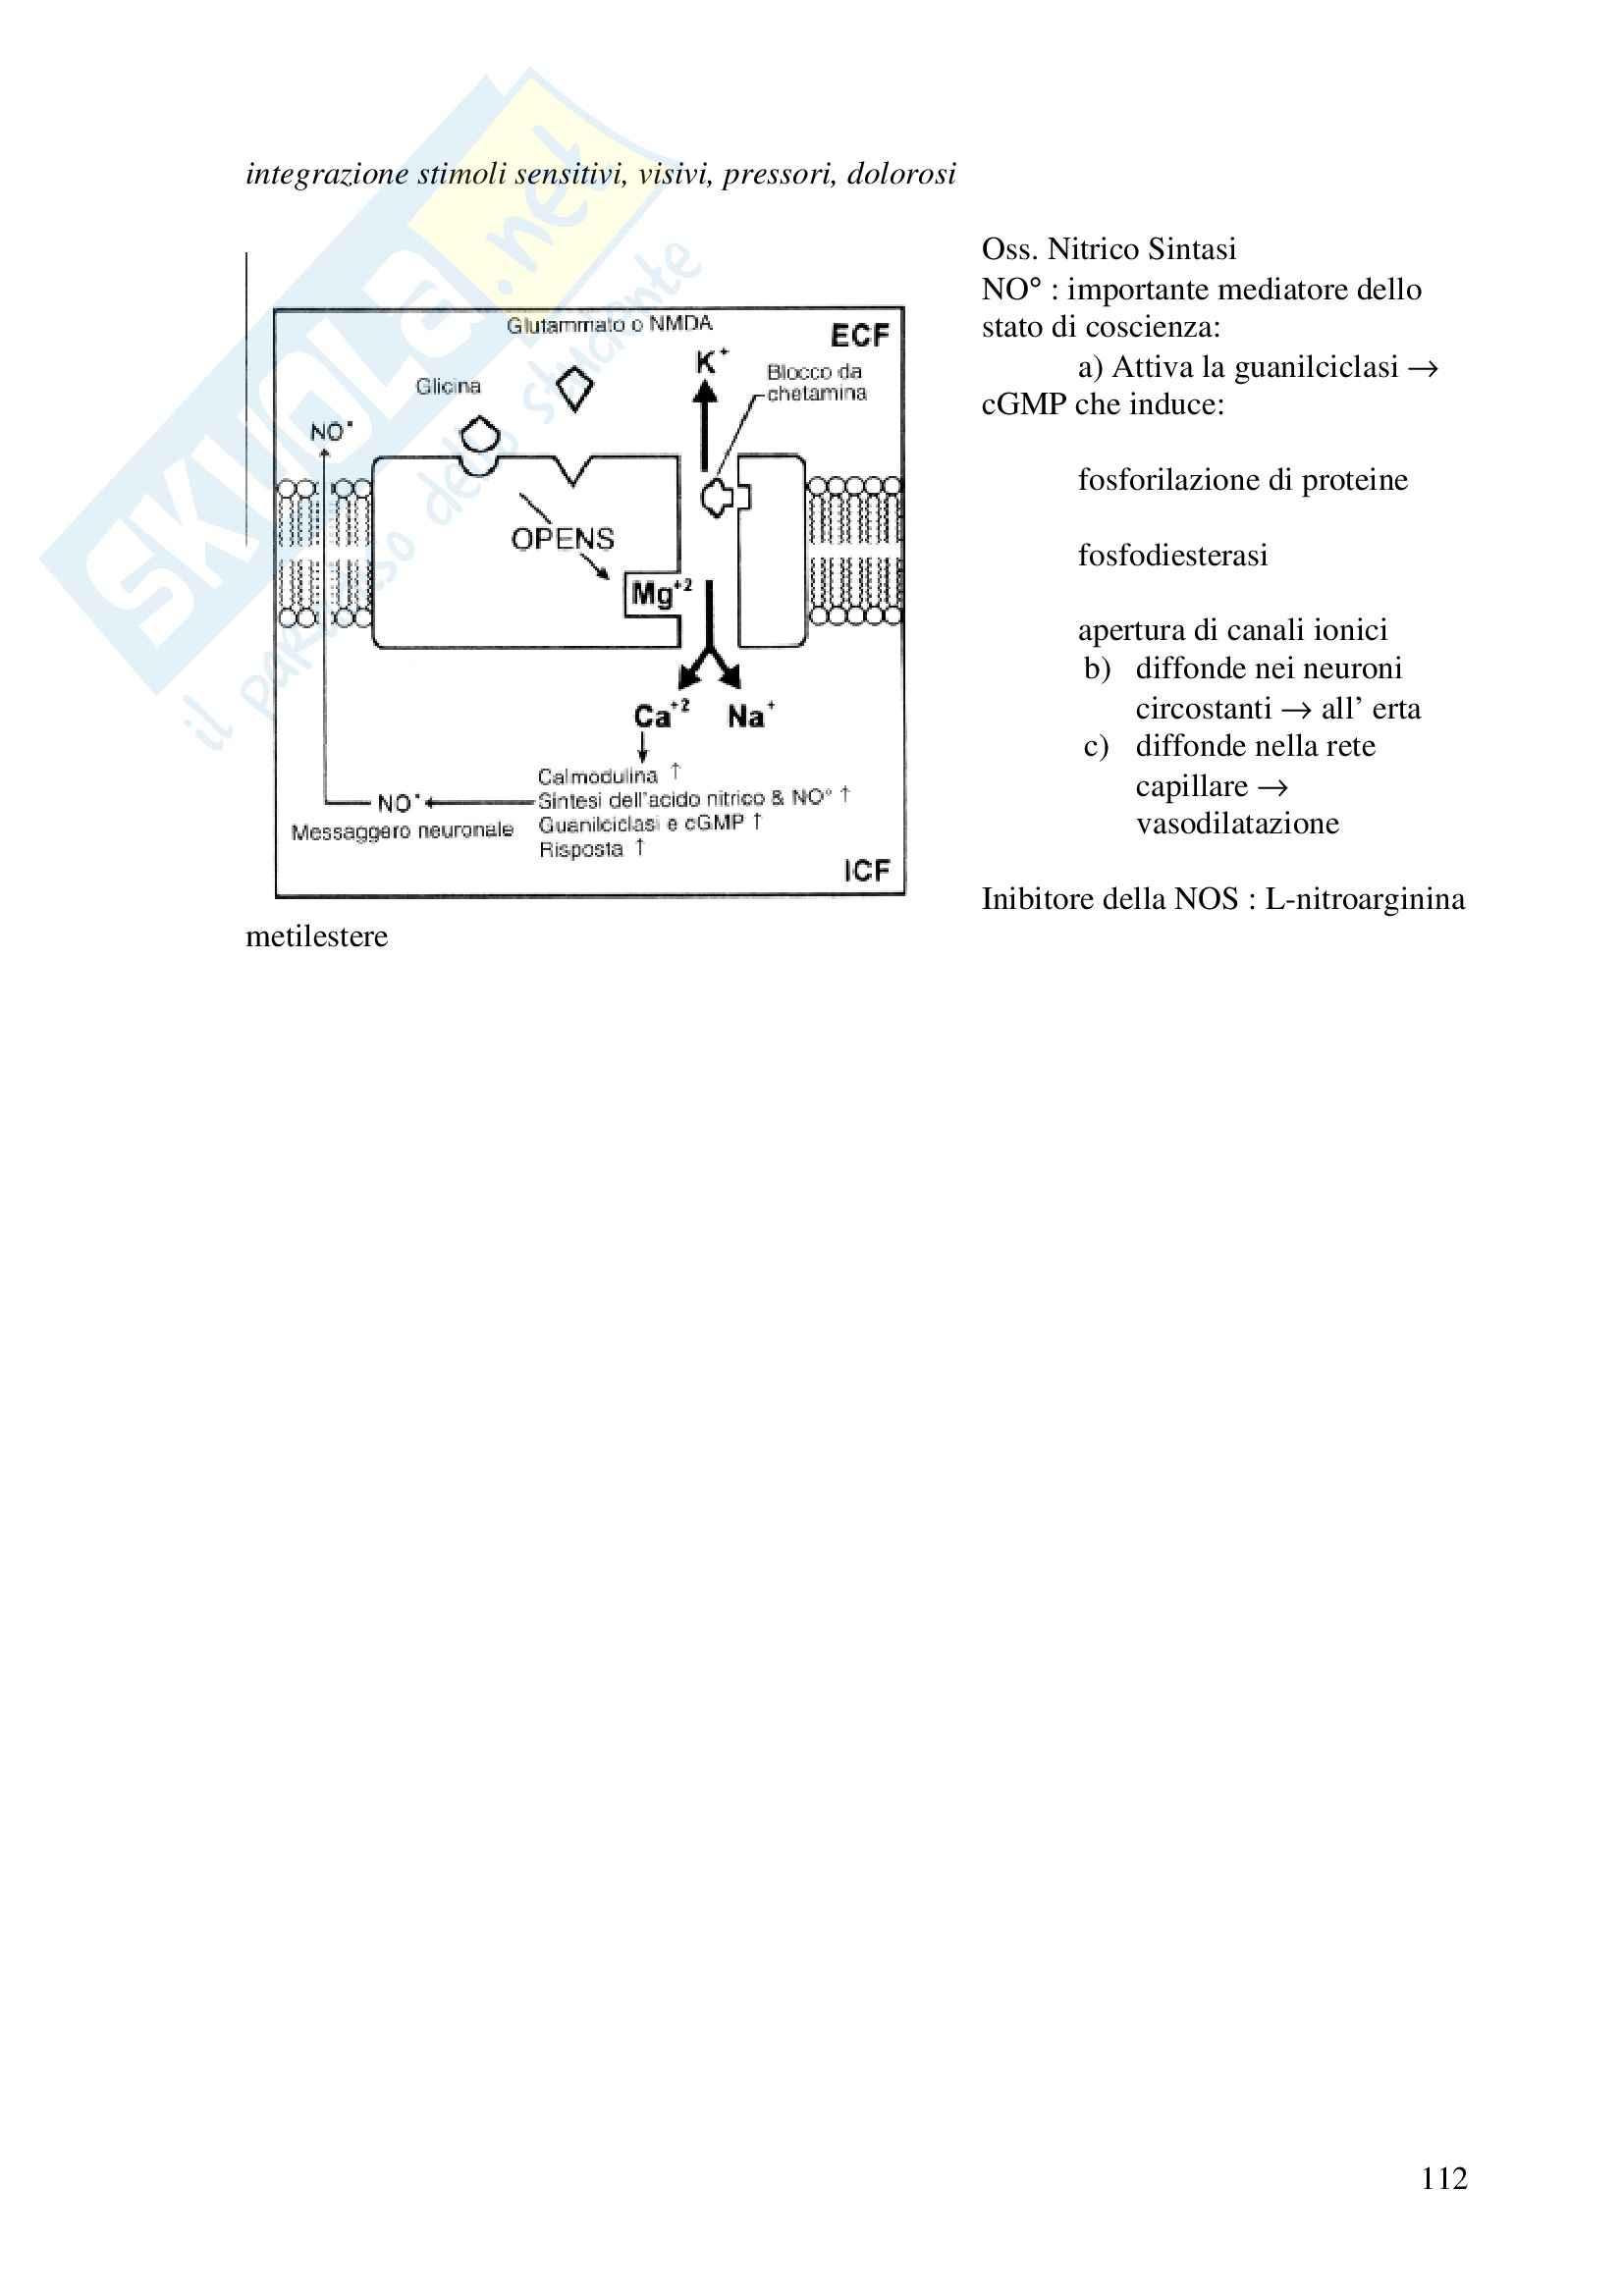 Chimica farmaceutica - anestetici generali Pag. 11